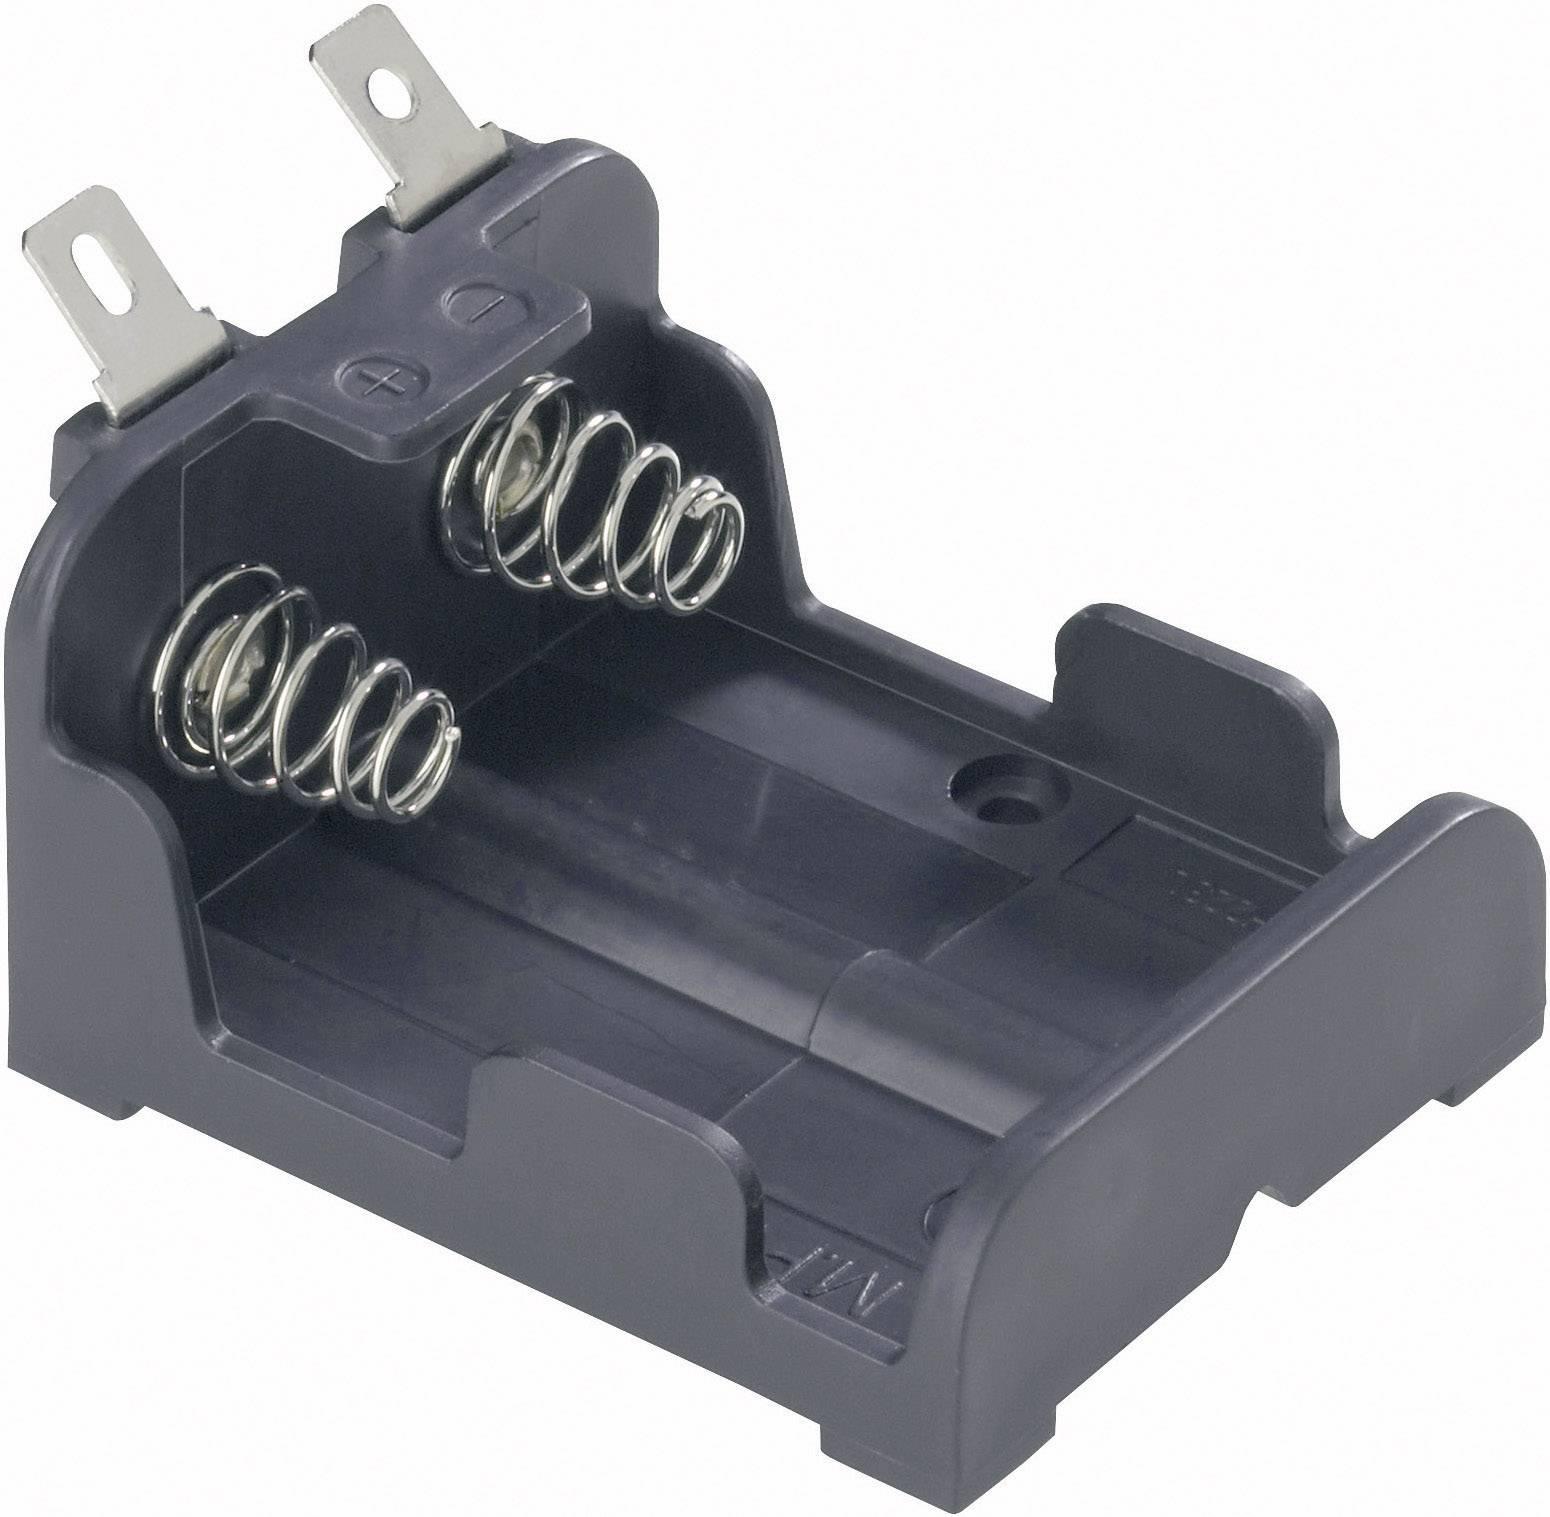 Držák na lithiové baterie 2x CRP2/DL223 MPD, s pájecími konektory, 26 x 38 x 47 mm, černá